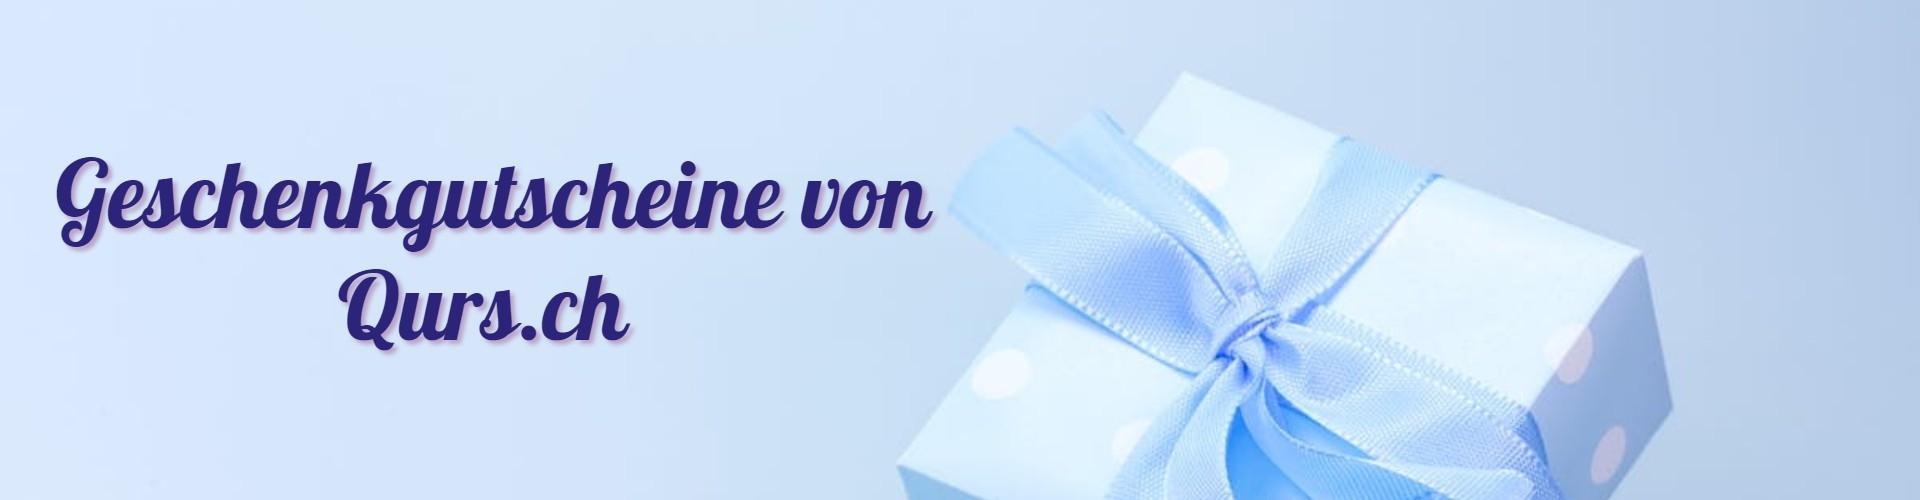 Geschenkgutschein von Qurs.ch